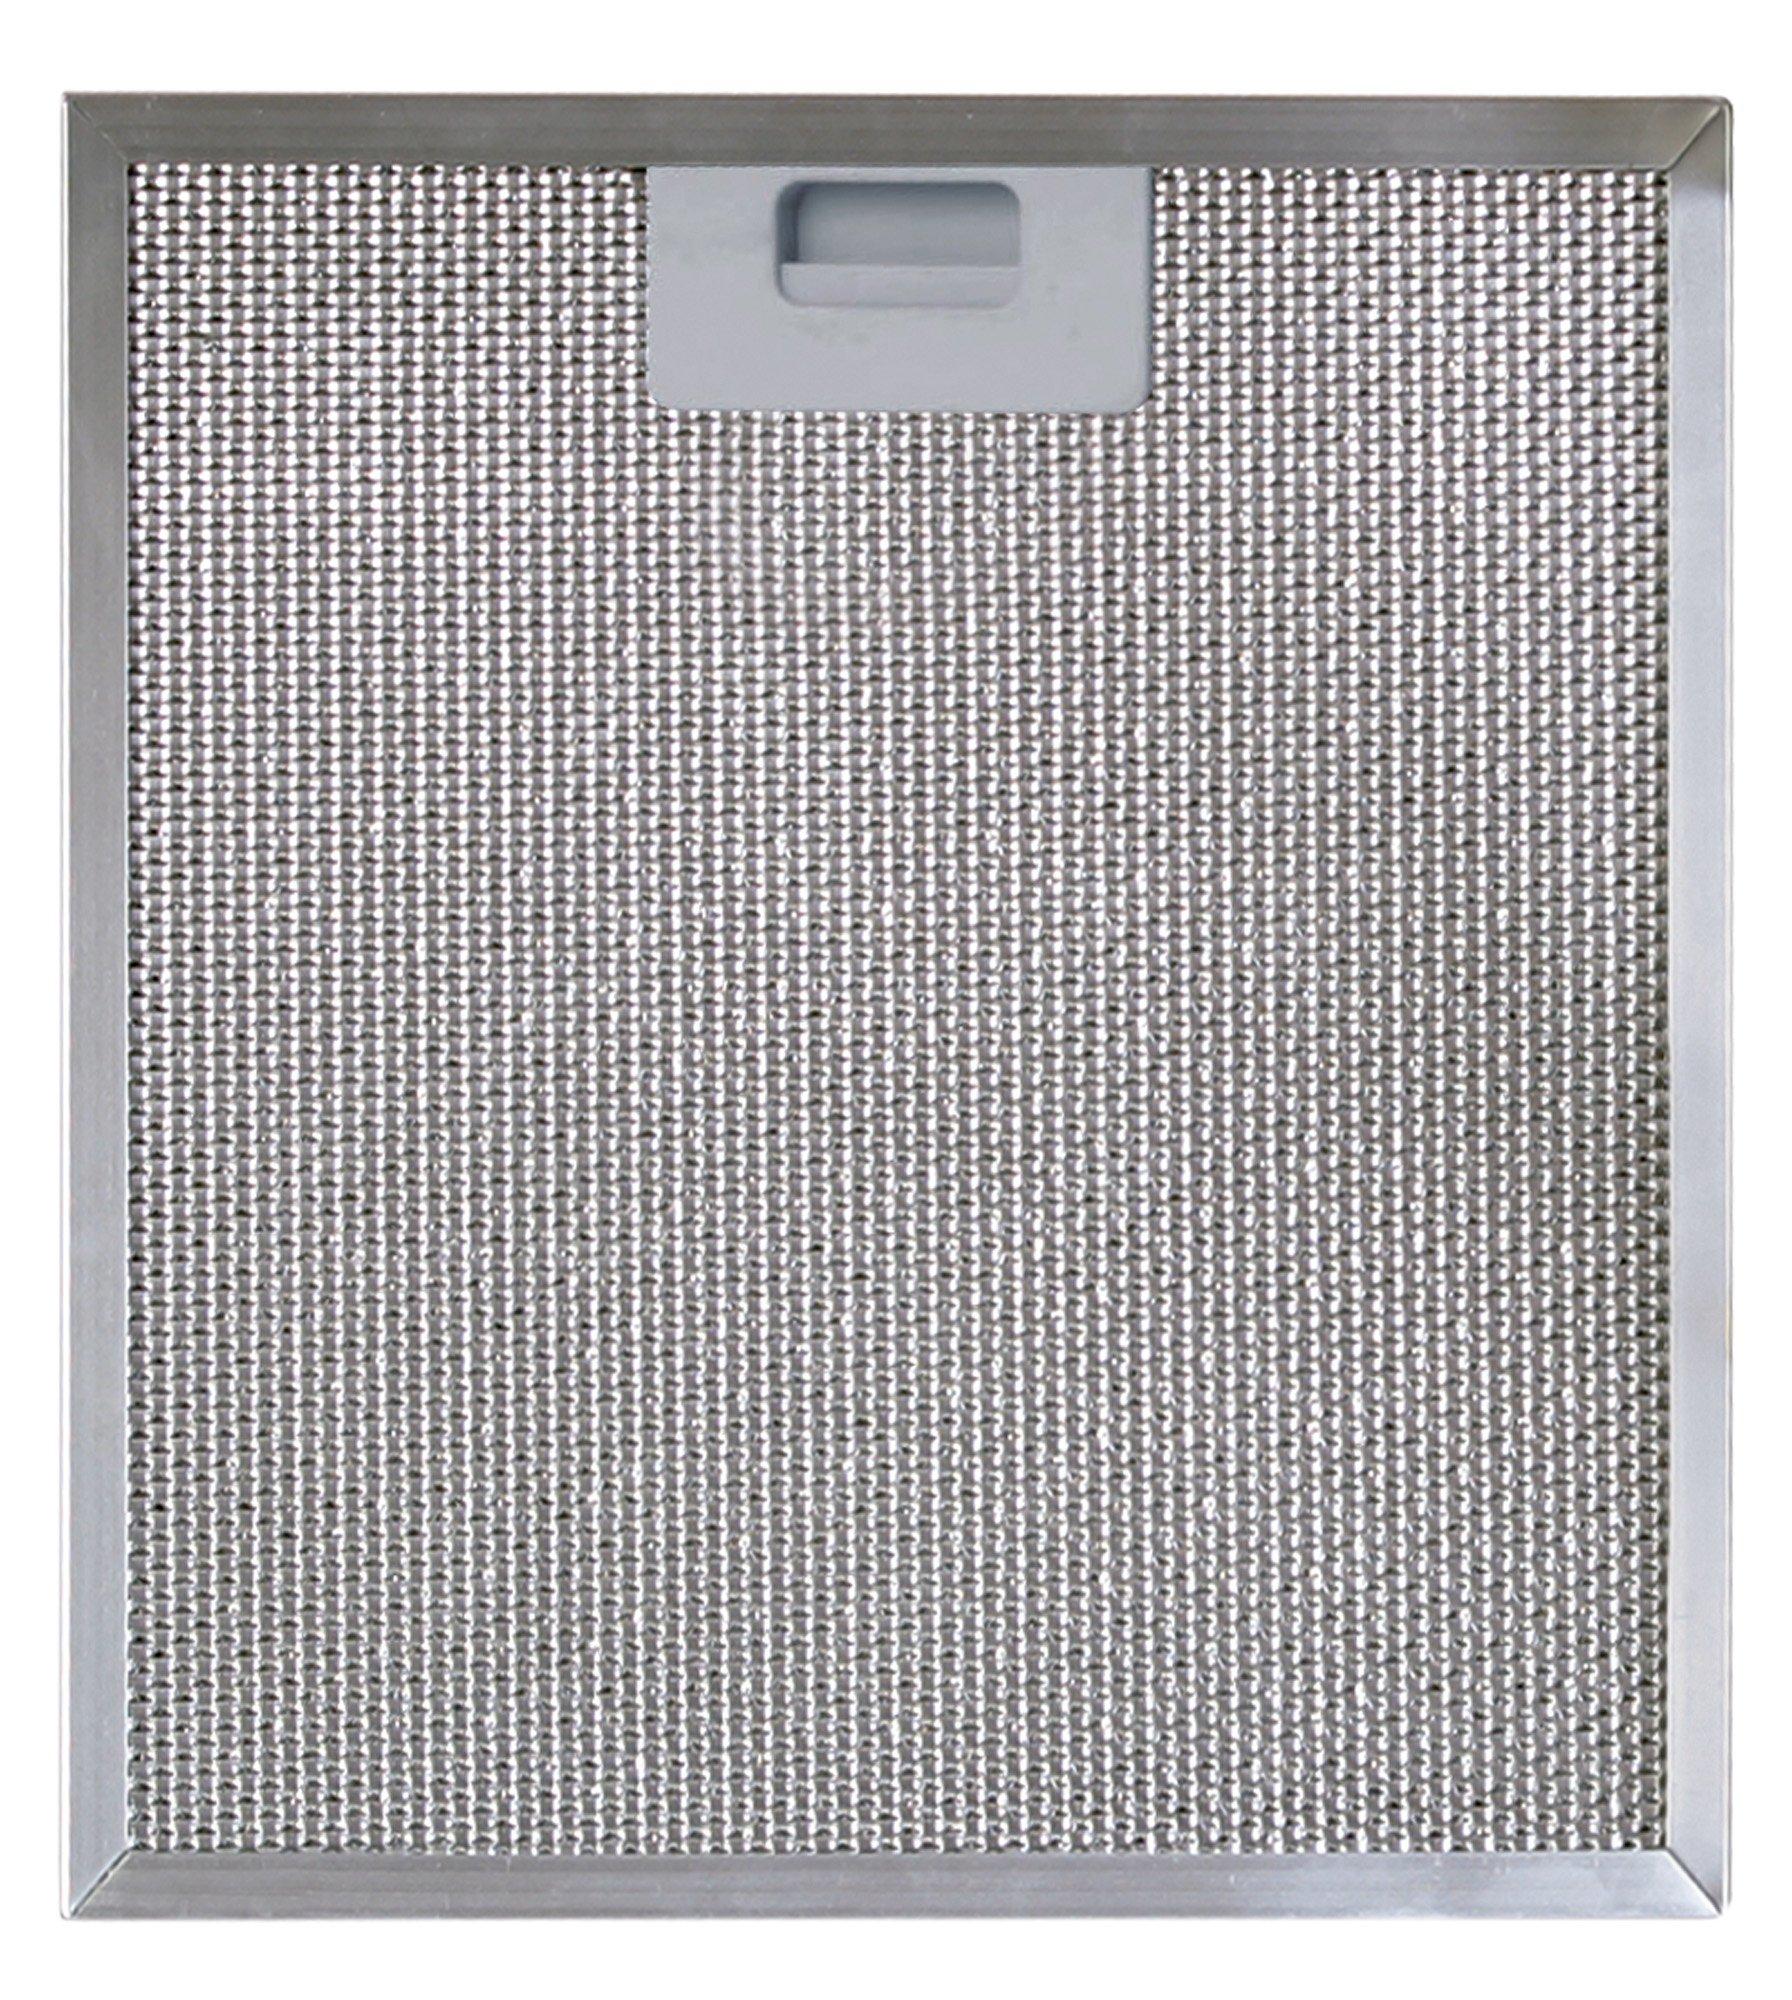 CATA 02825270 Filtro accesorio para campana de estufa - Accesorio para chimenea (Filtro, Metálico, Metal, CATA, TF 50/TF 52, TF 50/TF 52, 1 pieza(s)): Amazon.es: Hogar